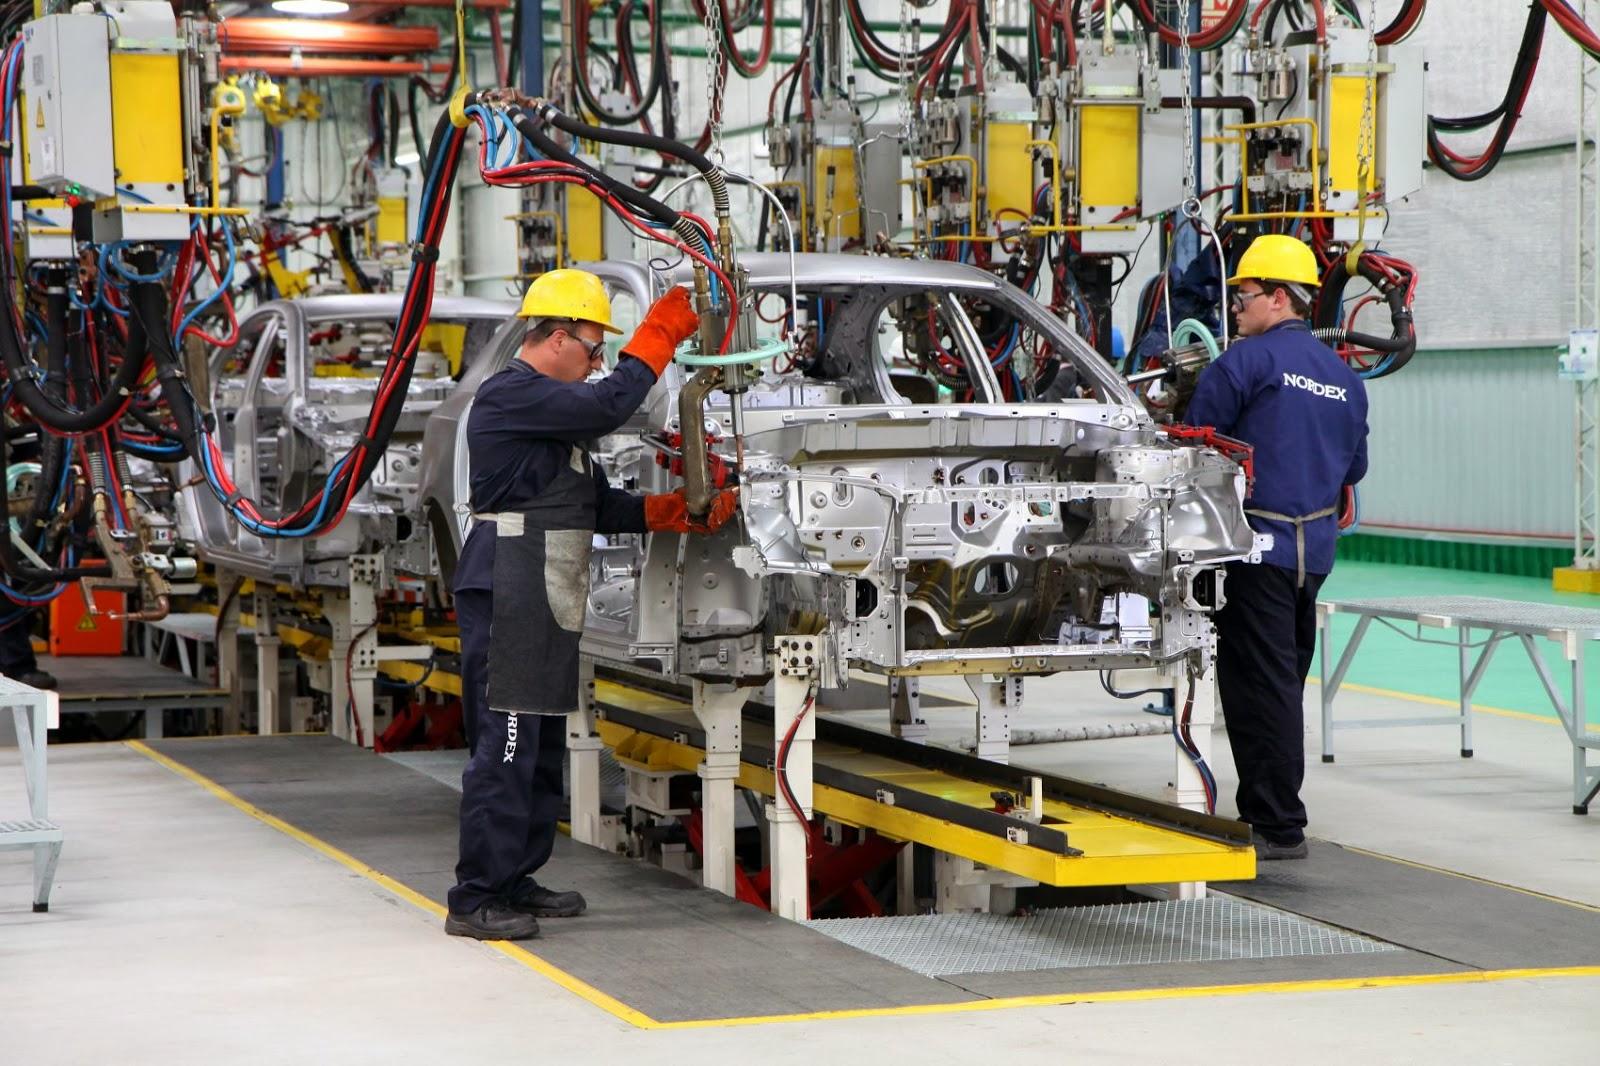 Flexibilización industrial: Más de 600 fábricas de todo el país volverán a producir